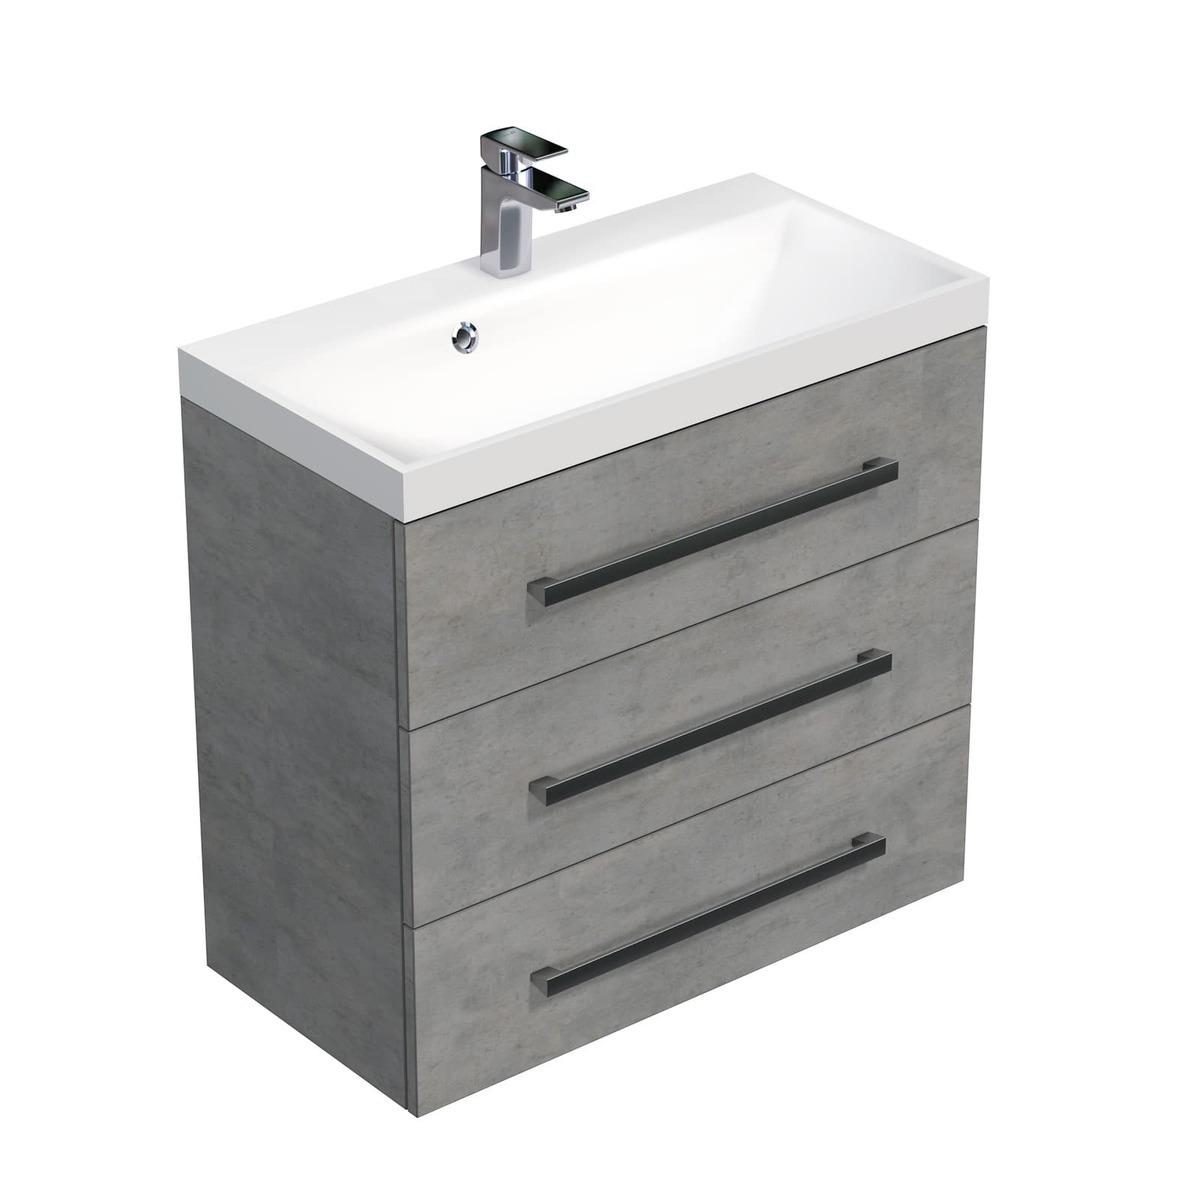 Koupelnová skříňka s umyvadlem Naturel Cube Way 80x76,5x40 cm beton CUBE2803BE